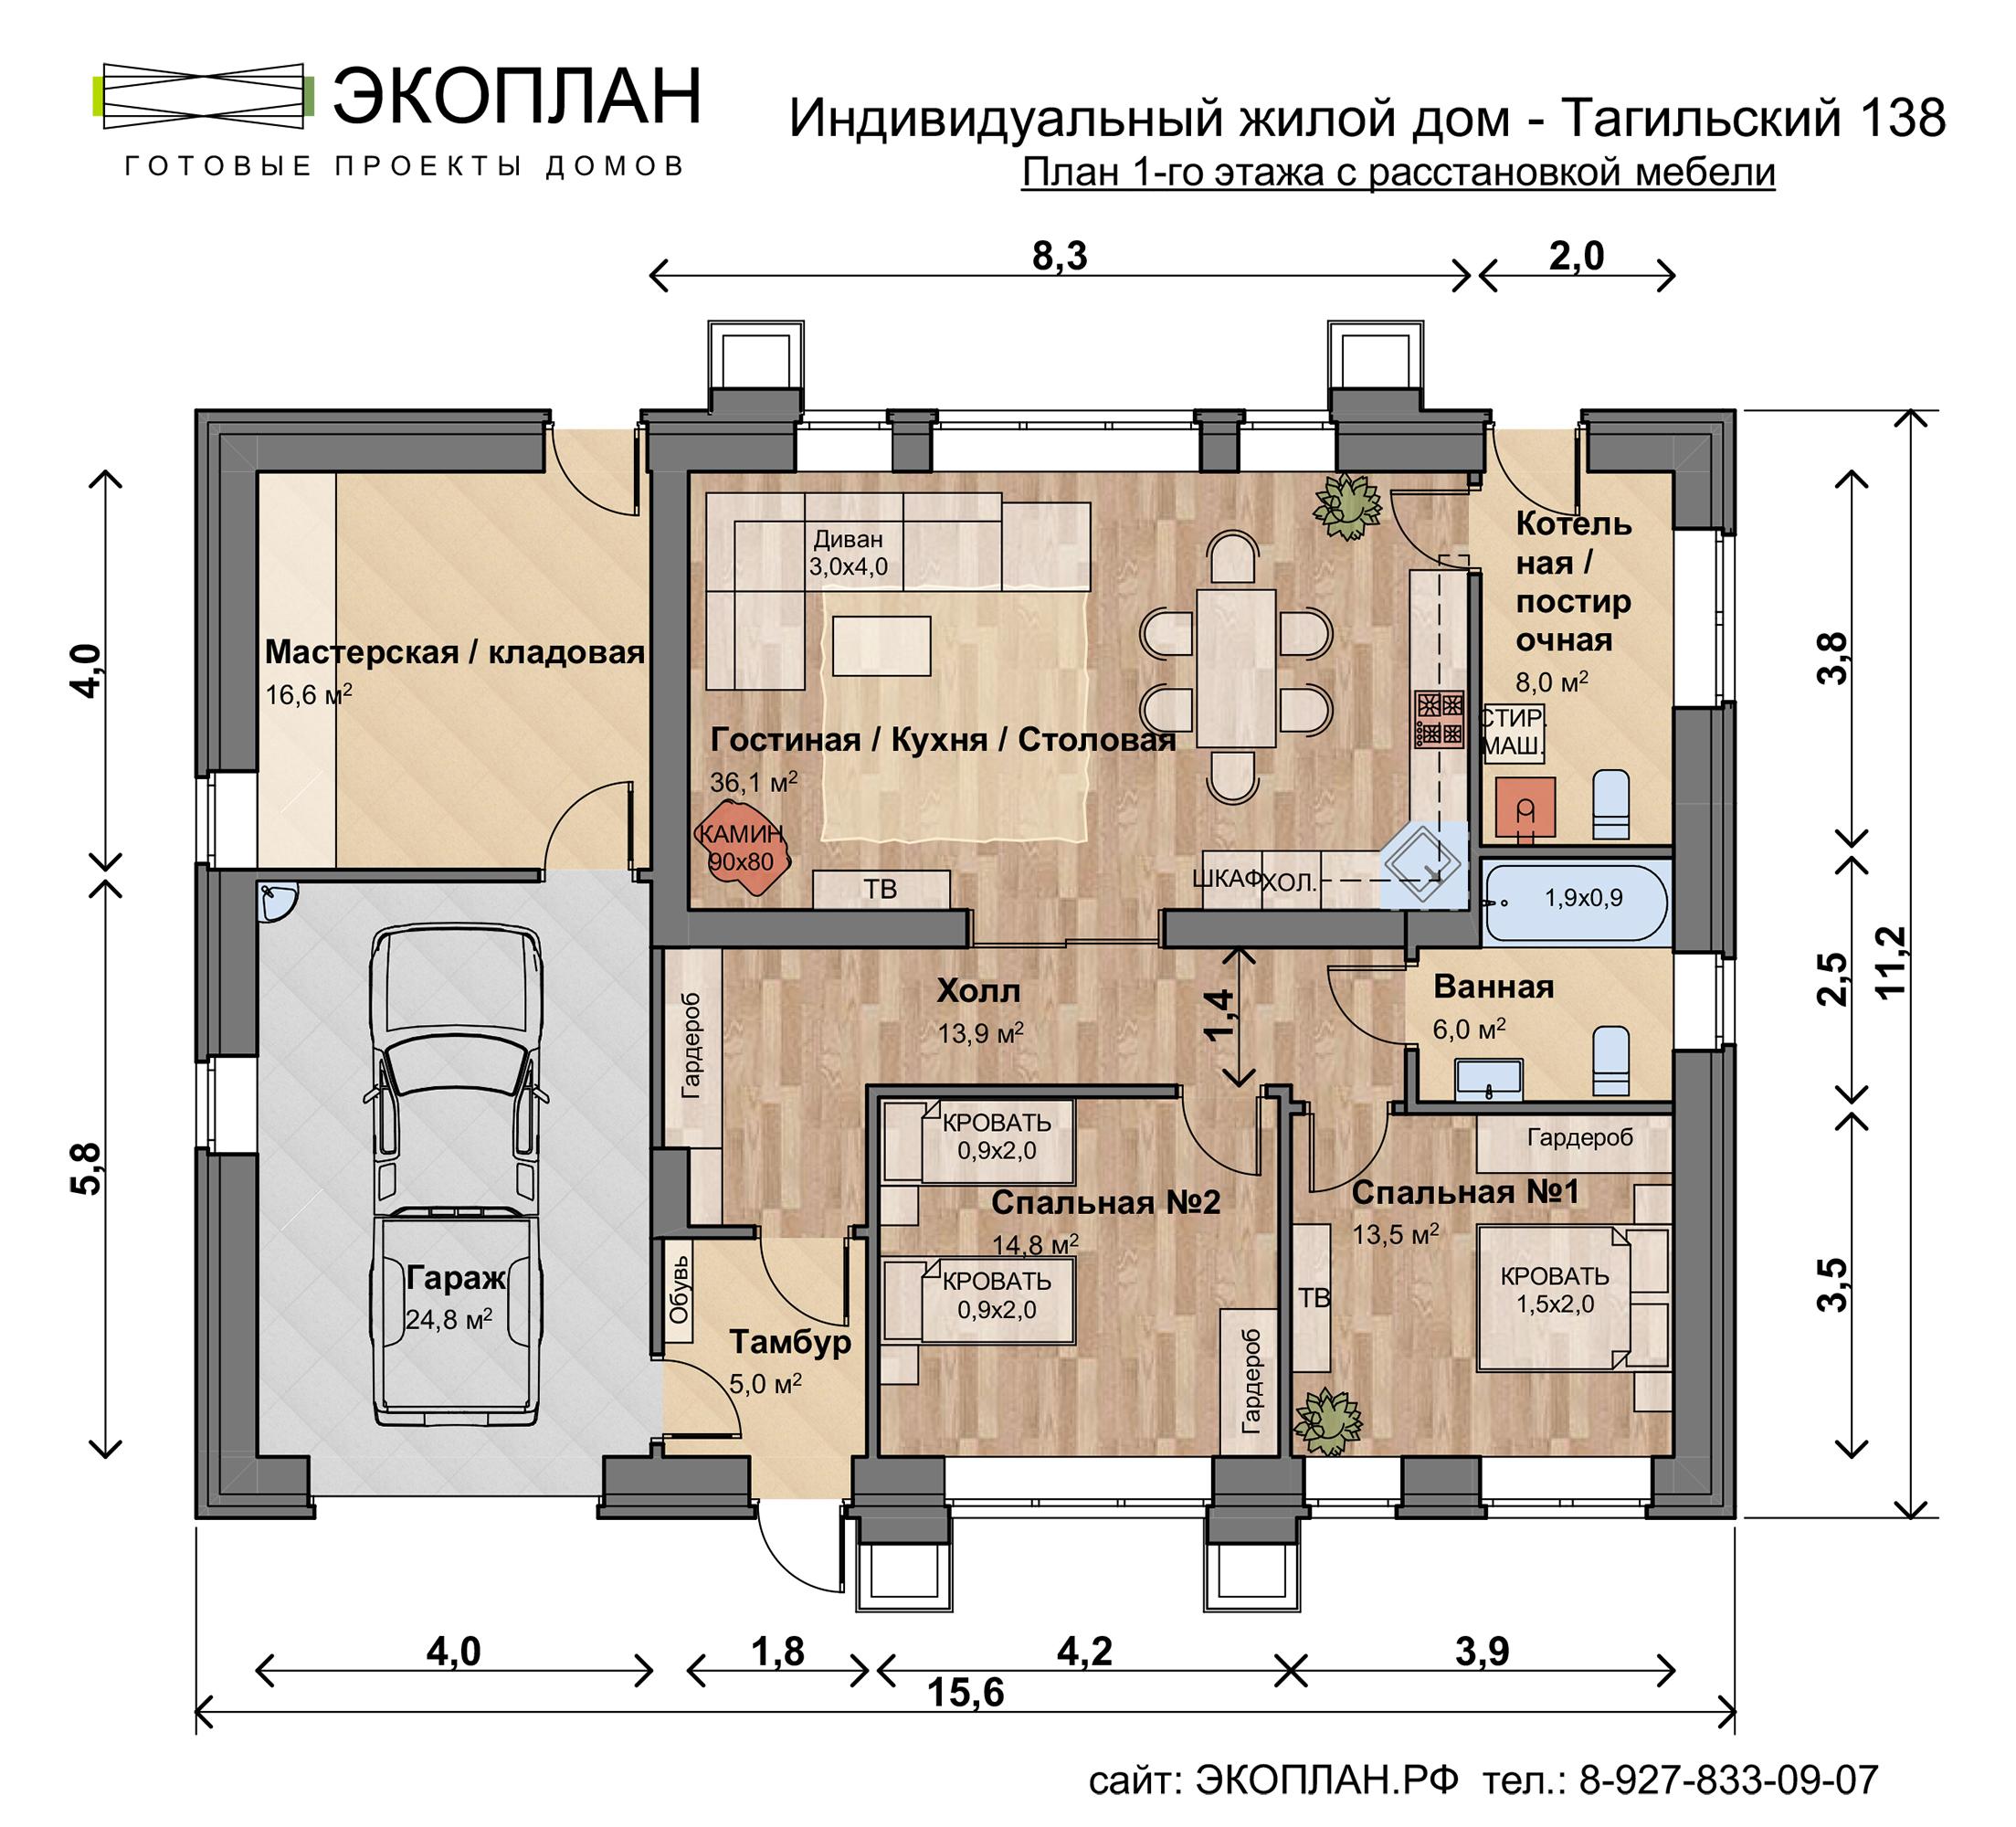 Тагильский 138 - Проект дома - Экоплан.рф план